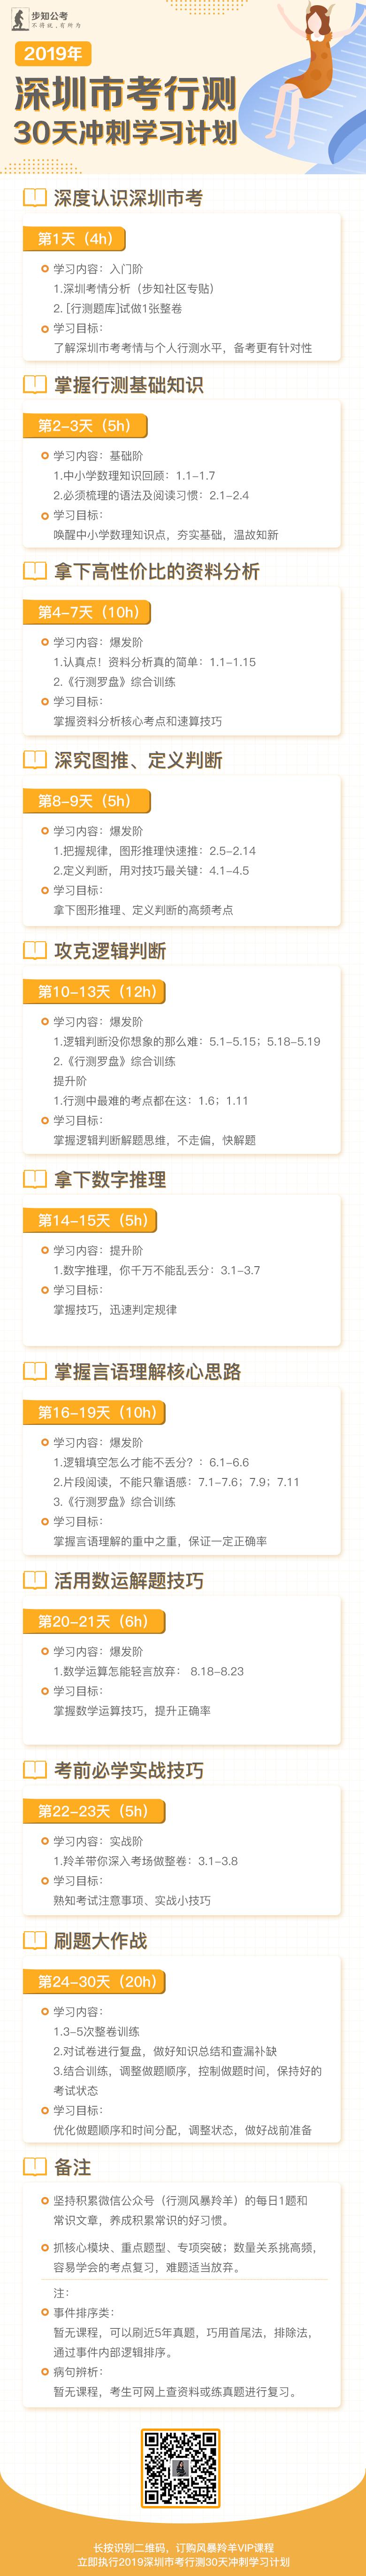 2019深圳市考行测30天冲刺学习计划.png